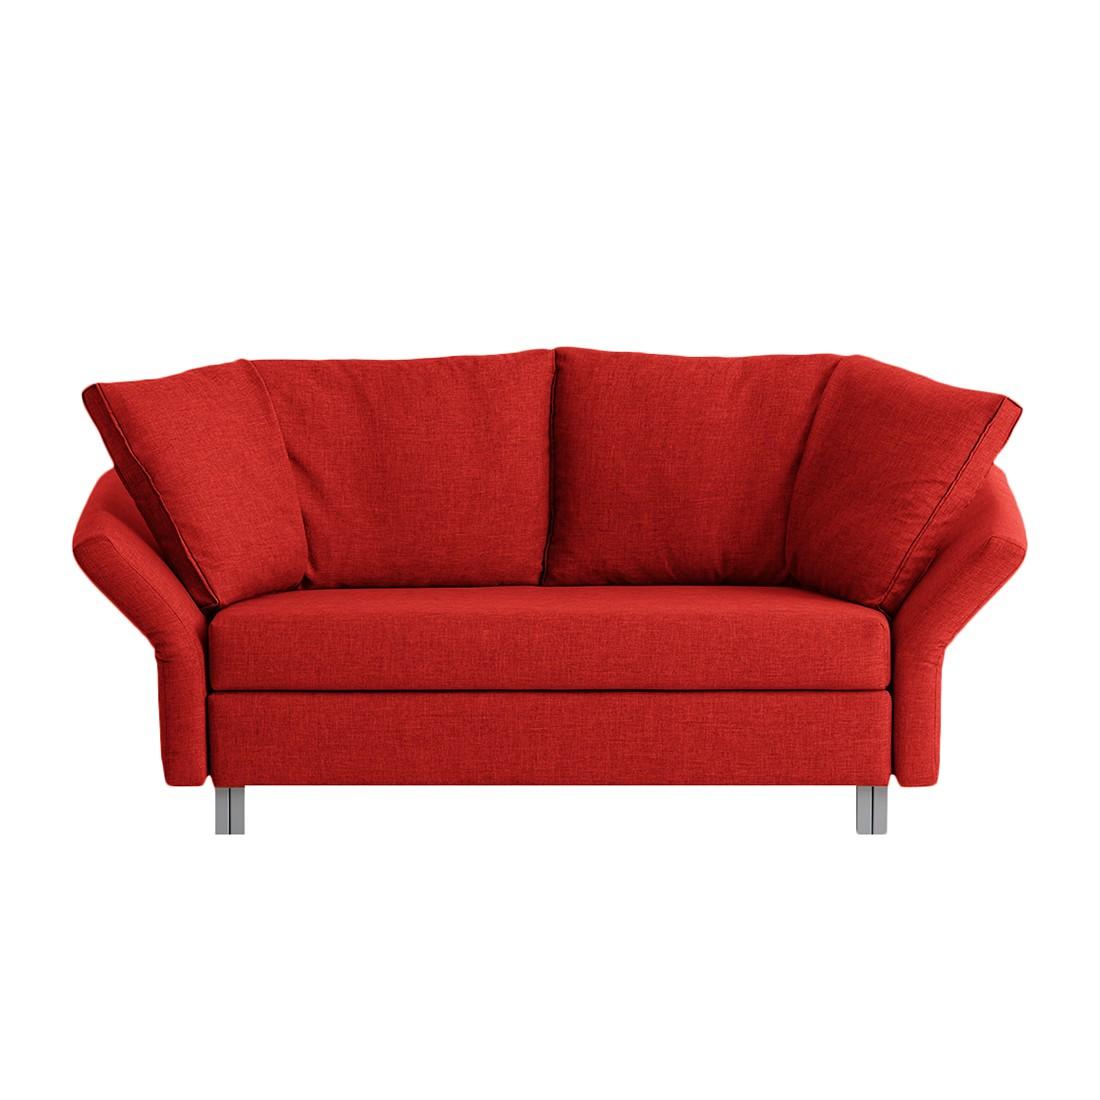 home24 chillout by Franz Fertig Schlafsofa Florenz 2-Sitzer Rot Webstoff 156x87x90 cm mit Schlaffunktion | Wohnzimmer > Sofas & Couches > Schlafsofas